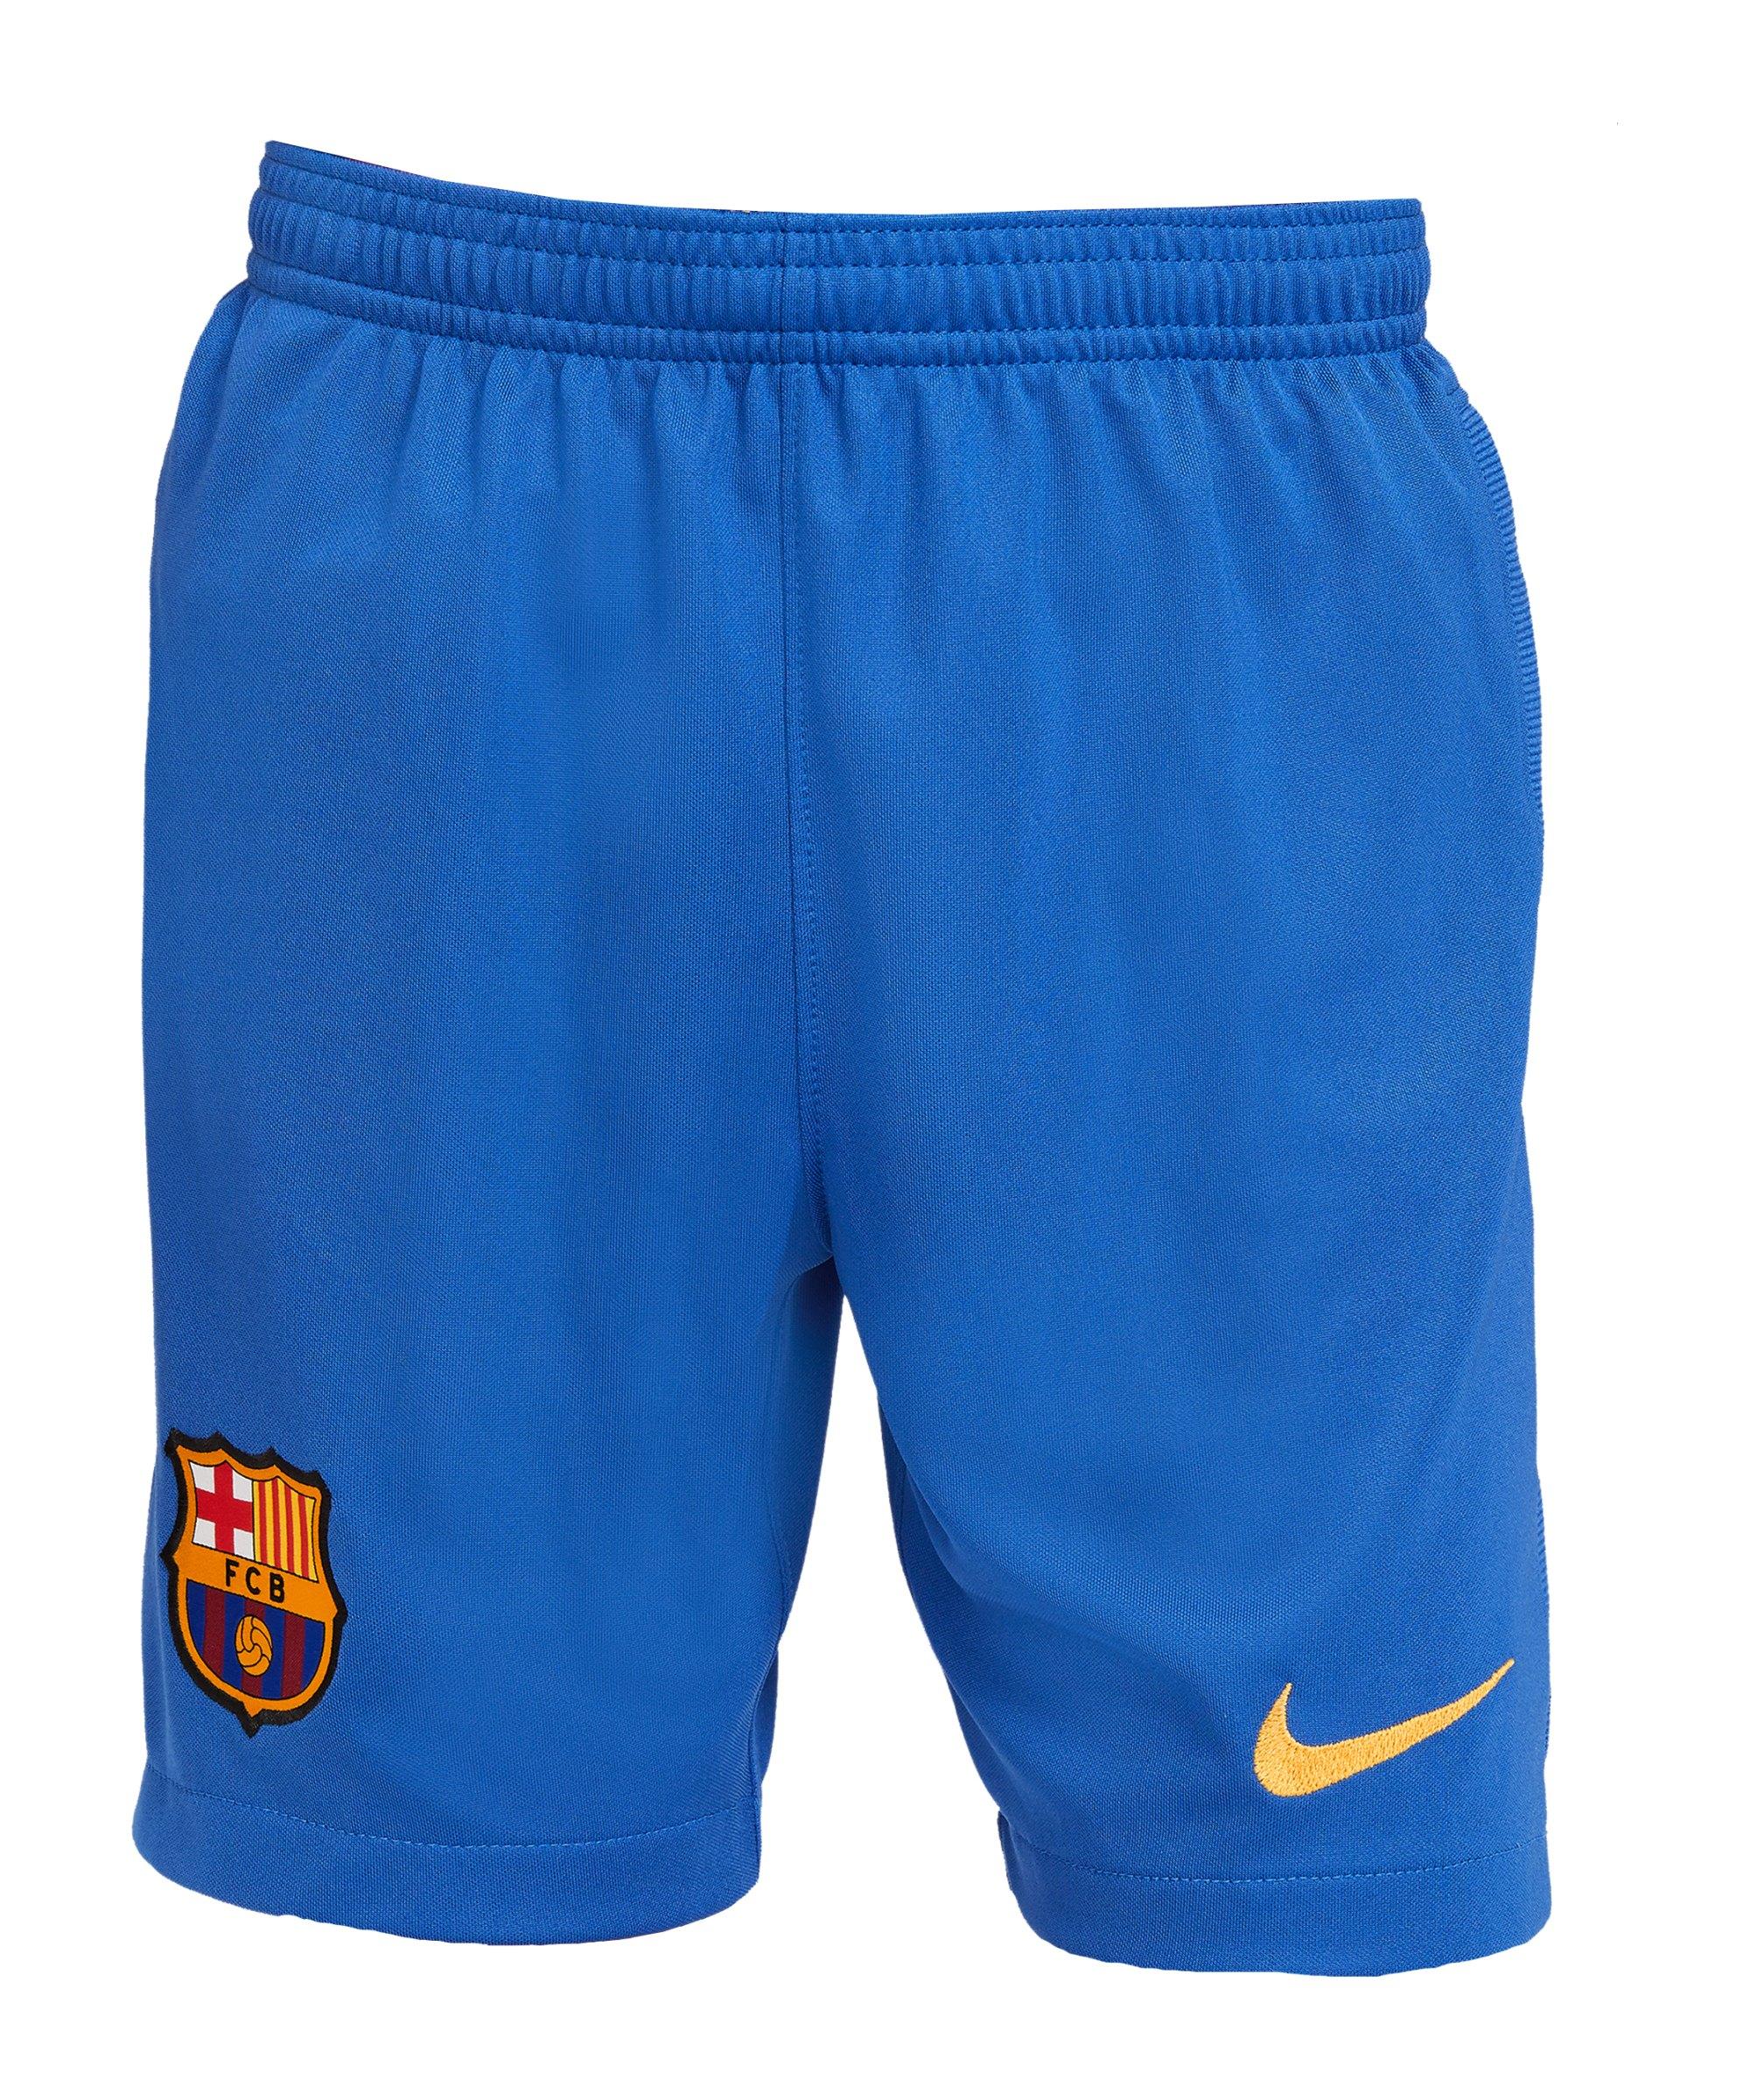 Nike FC Barcelona Short El Clásico 2020/2021 Blau F480 - blau